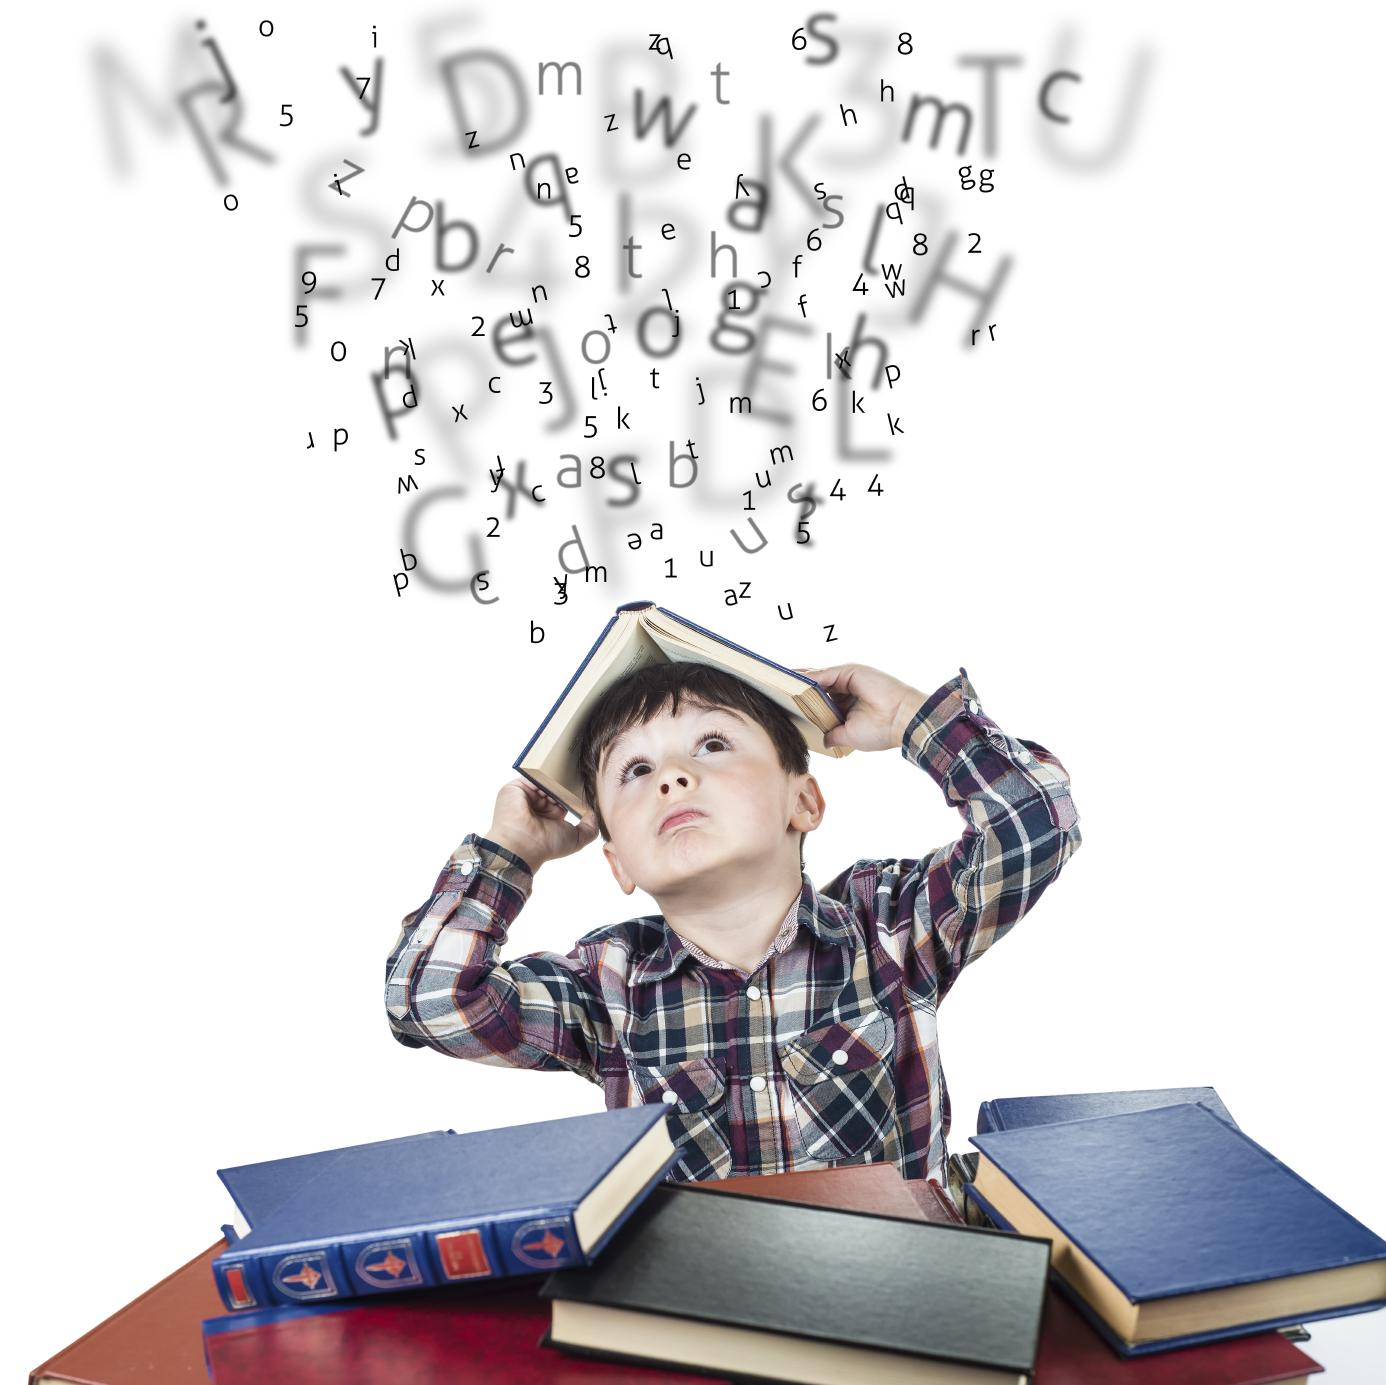 Image d'un Enfant avec un livre sur sa tête